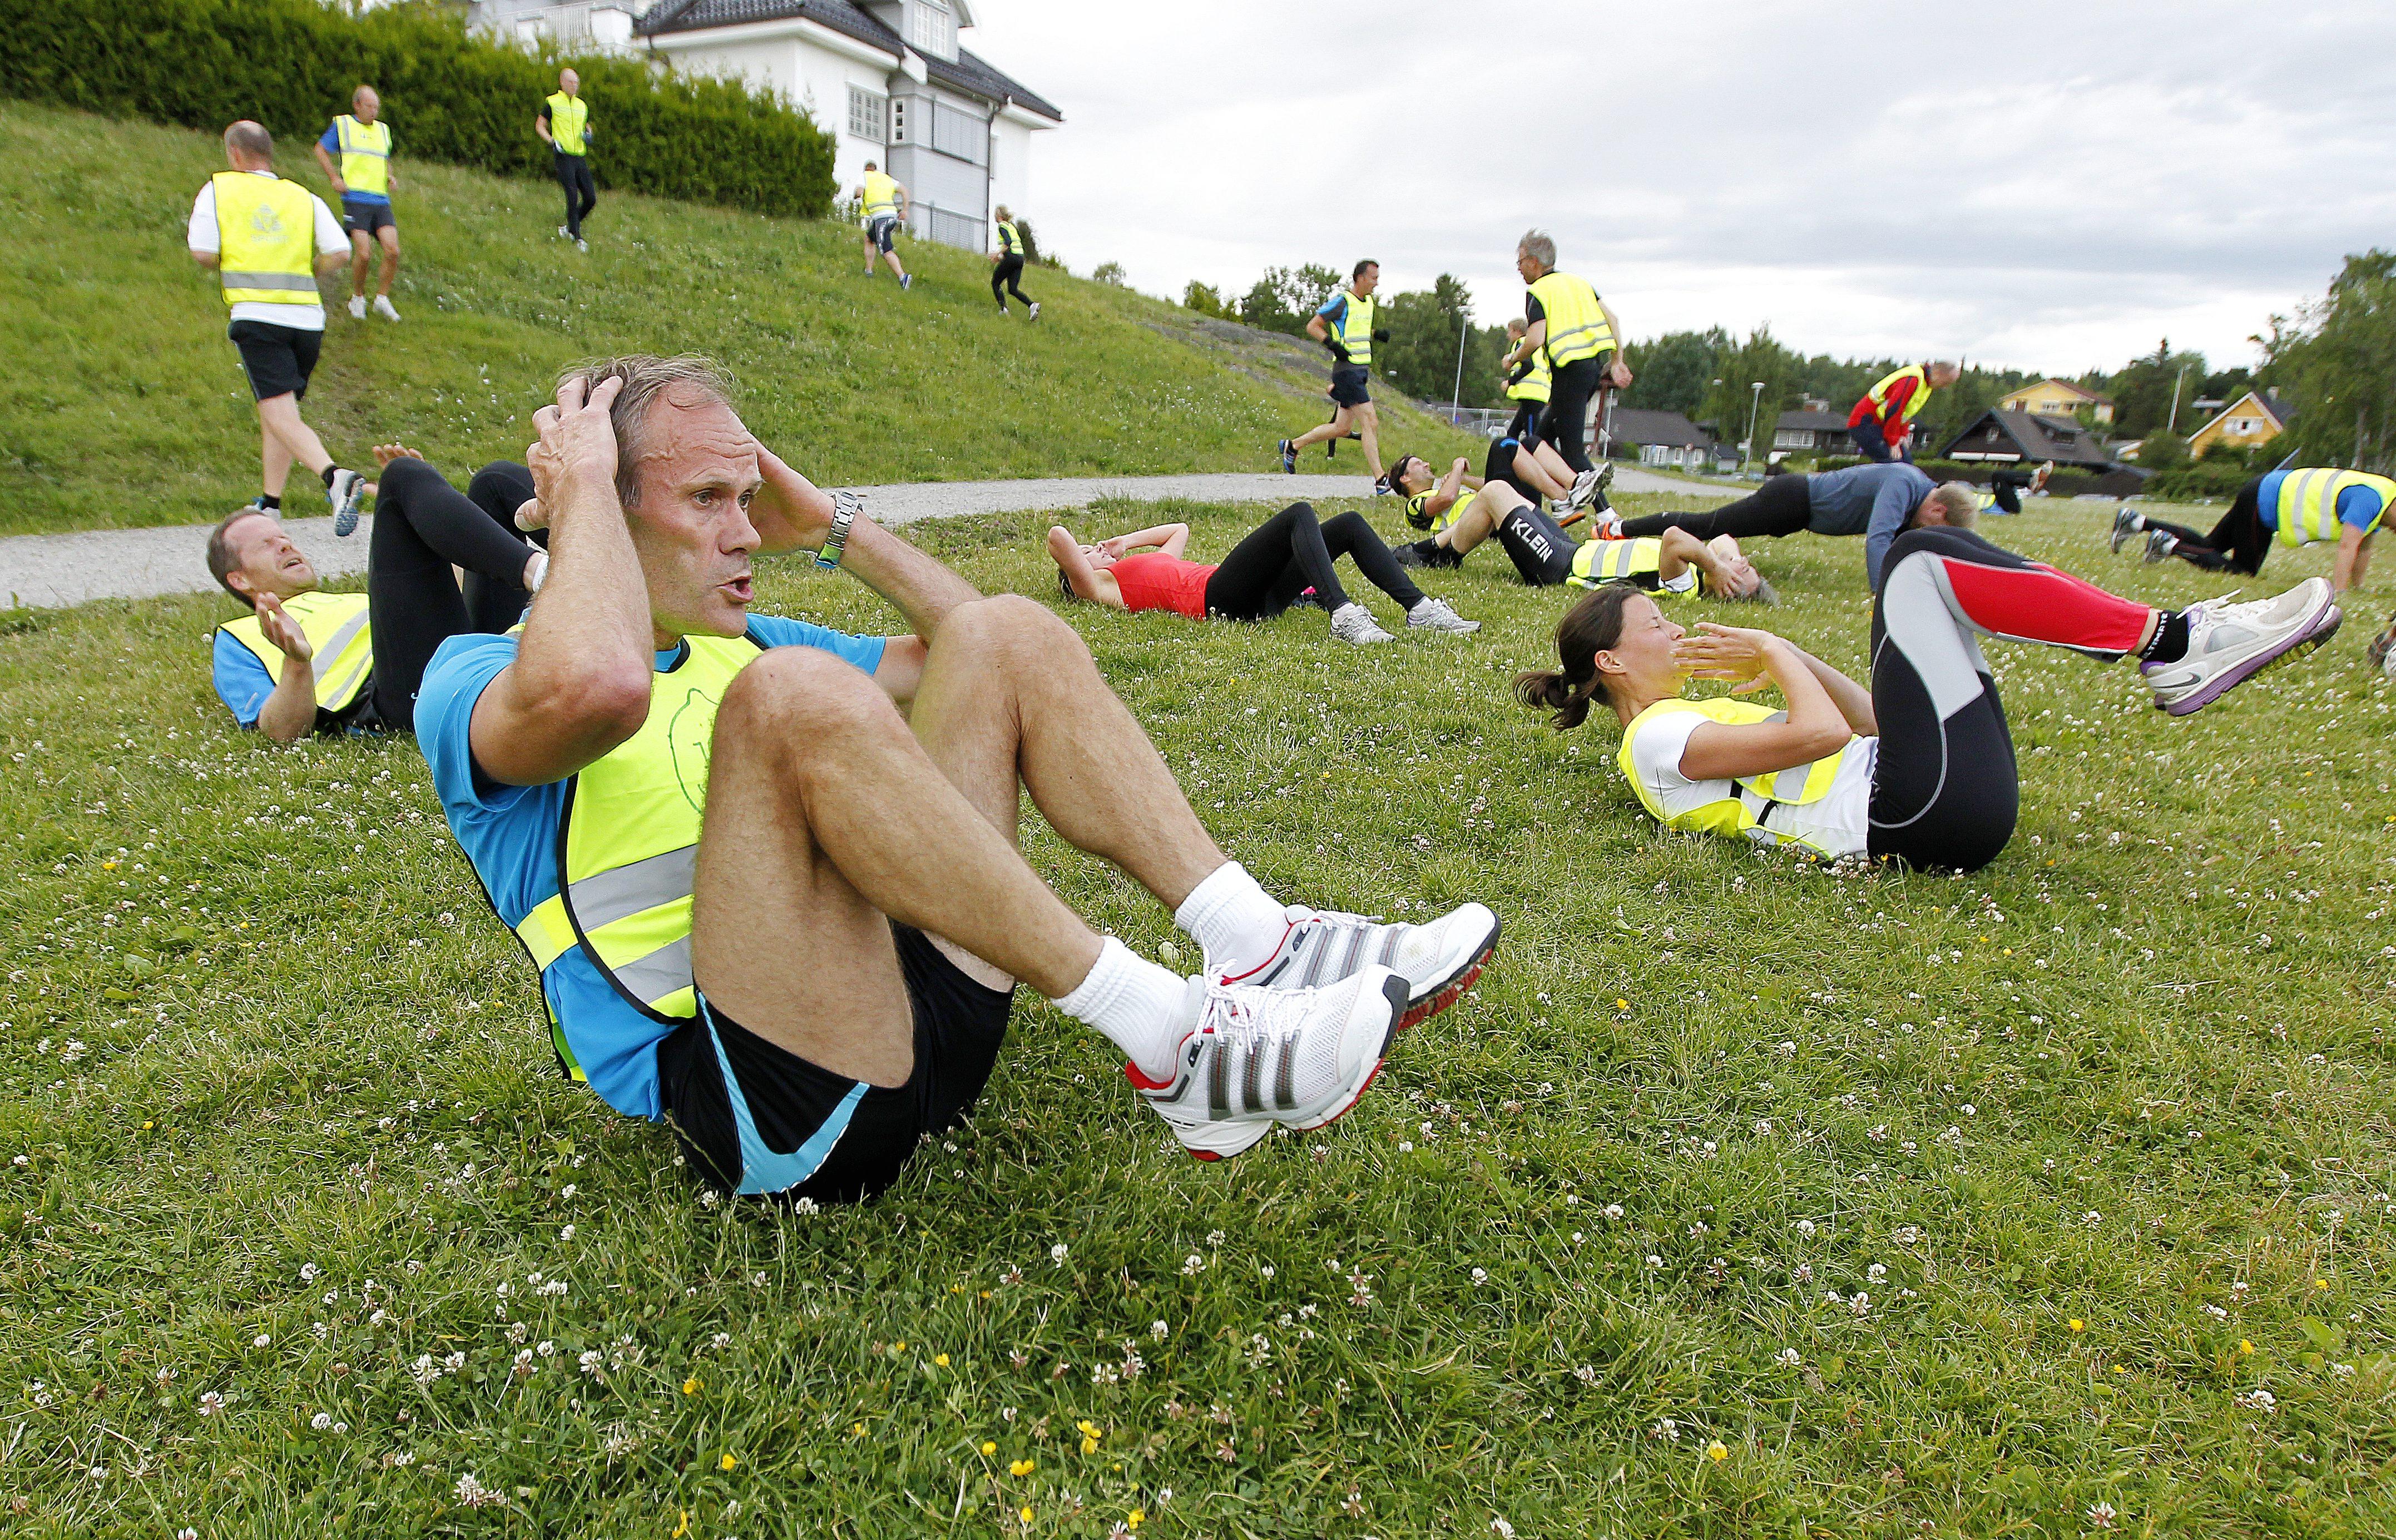 Bilde 9. NMTer Jan Fagerheim gjør mageøvelse mellom motbakkeintervall